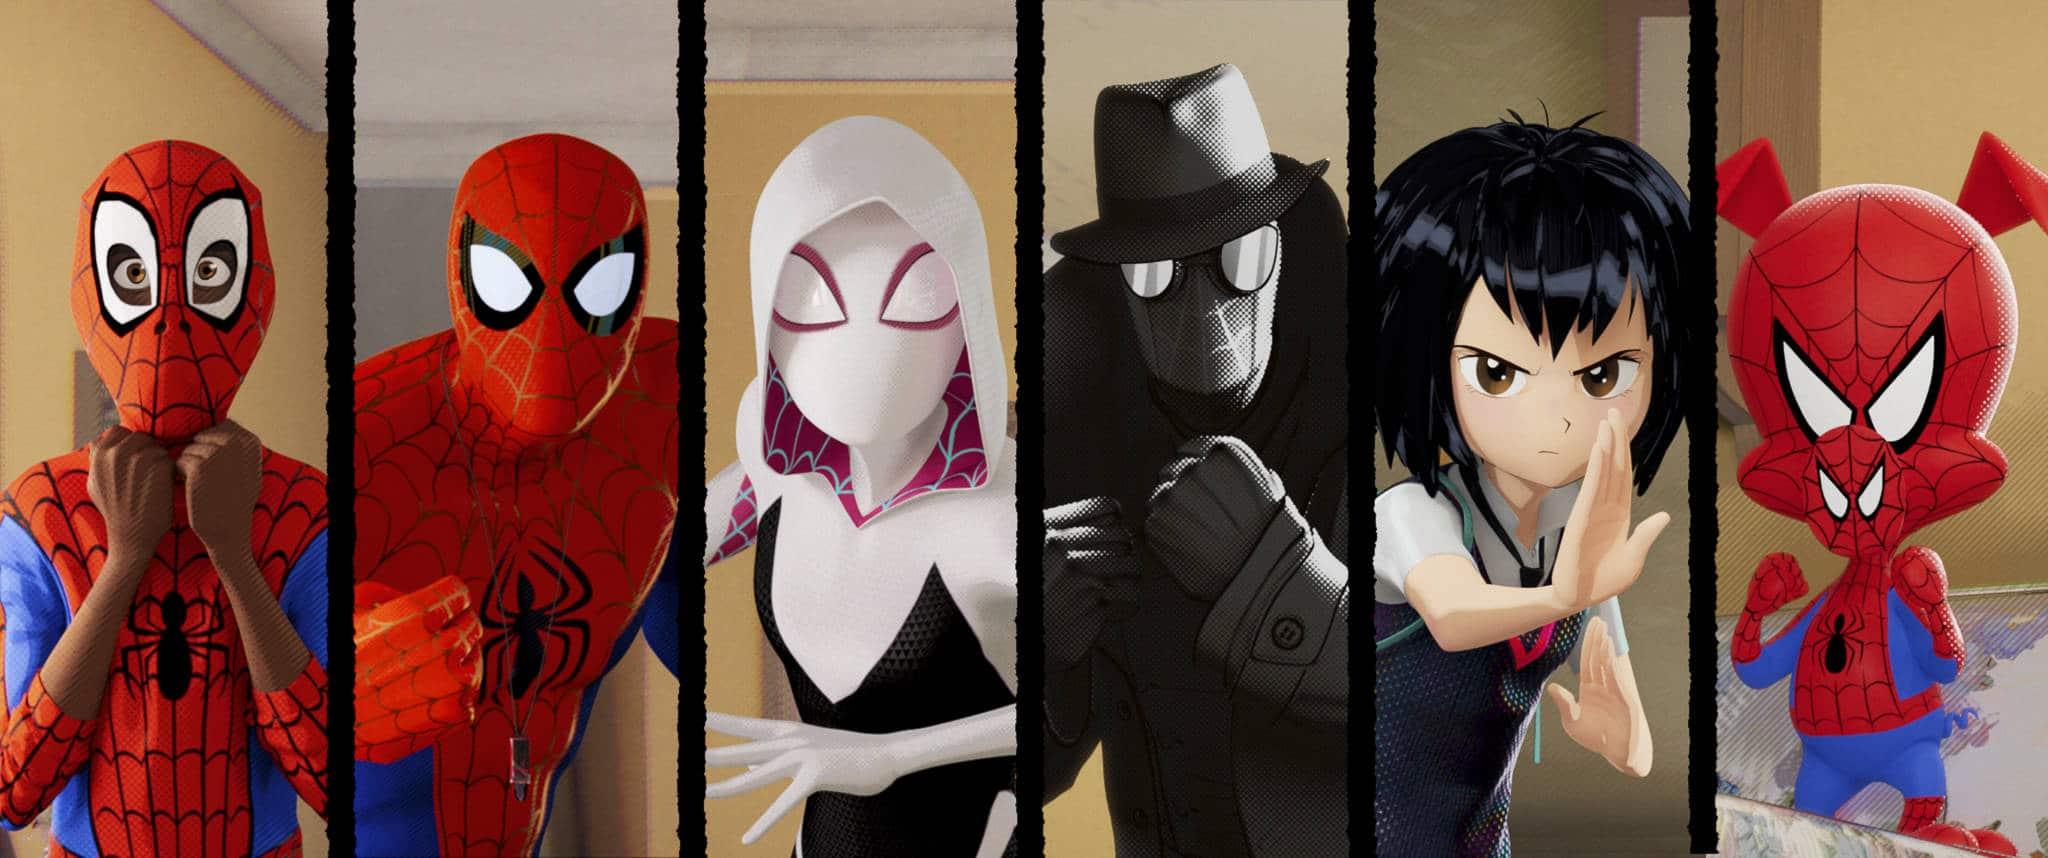 Diverse Spiderman stills